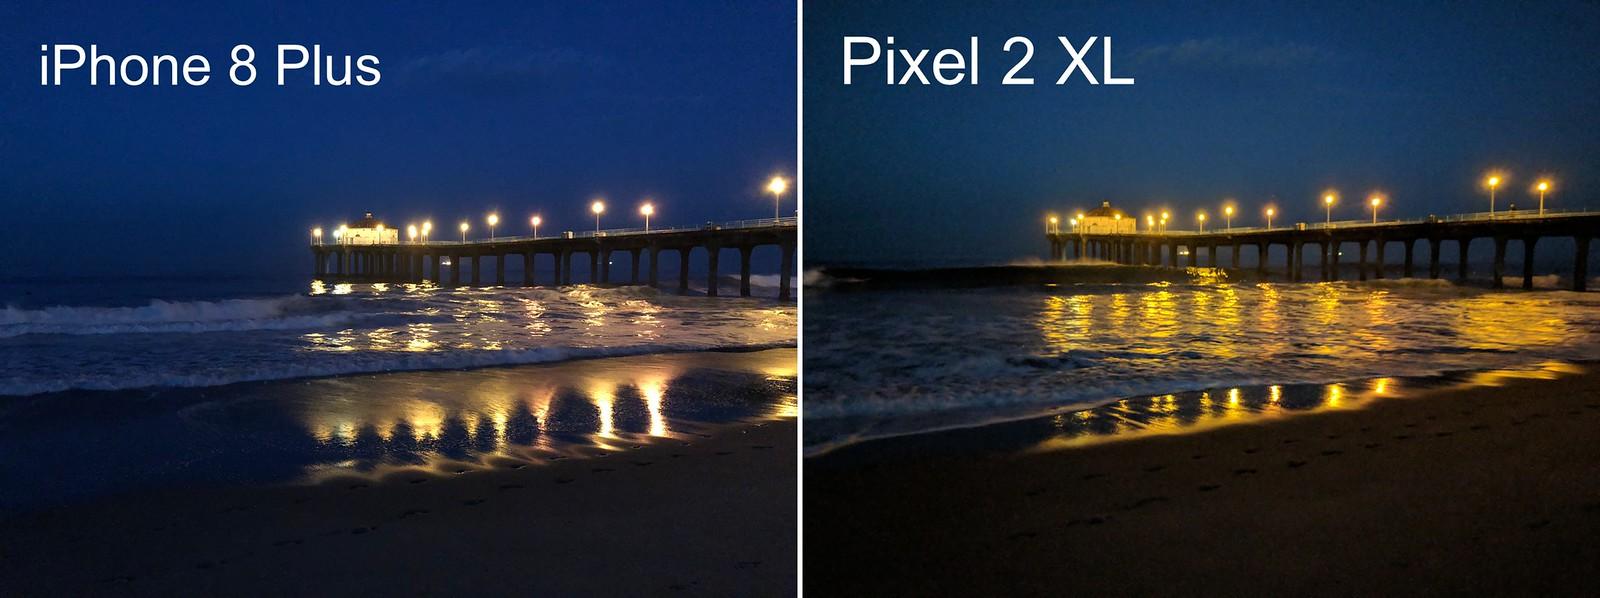 Comparativo de câmeras entre iPhone 8 Plus e Google Pixel 2